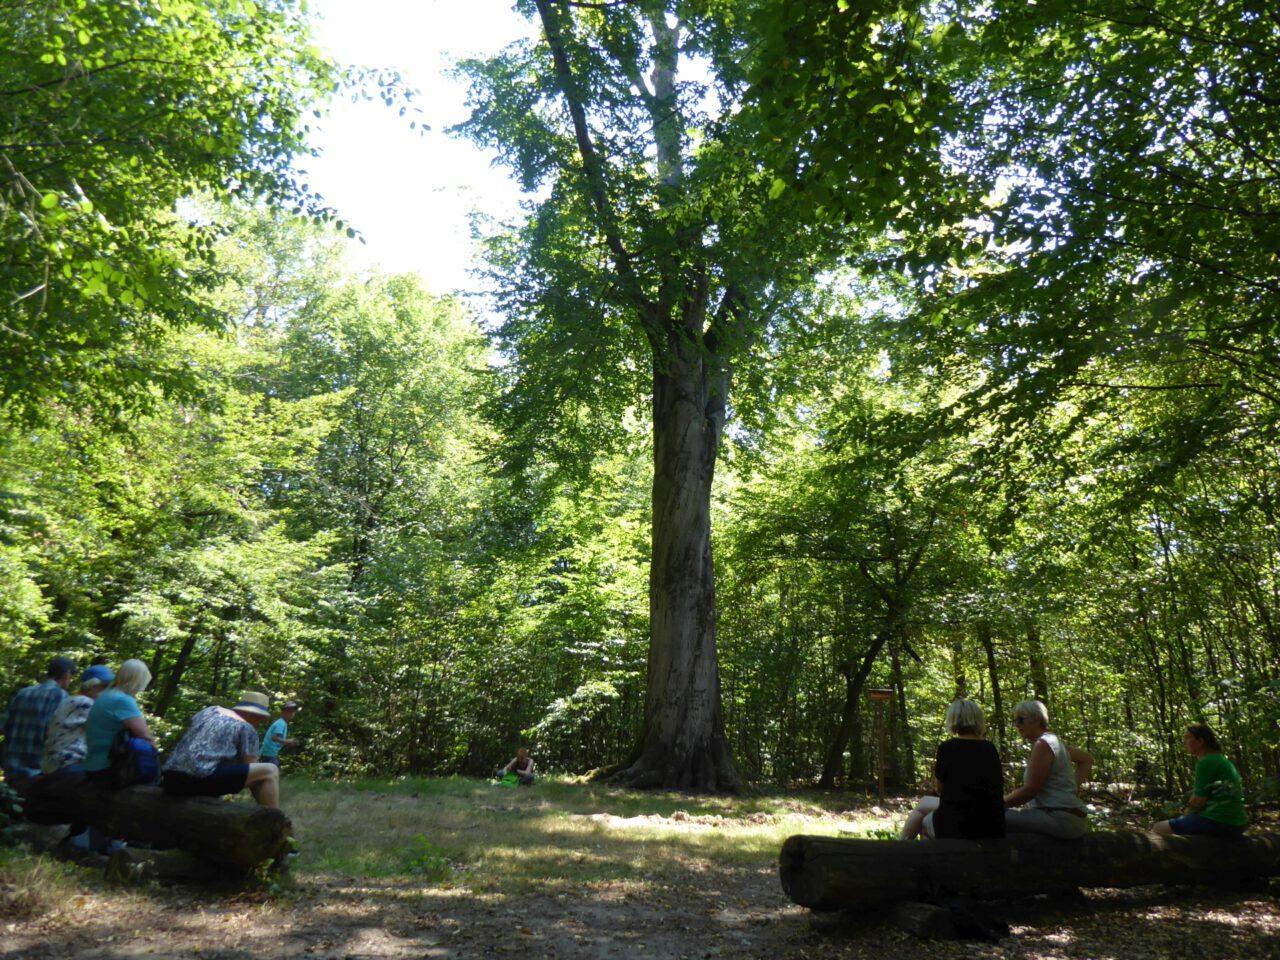 """Goethebuche im Frankfurter Stadtwald - Ziel der Tour """"Meditieren mit offenen Augen"""""""